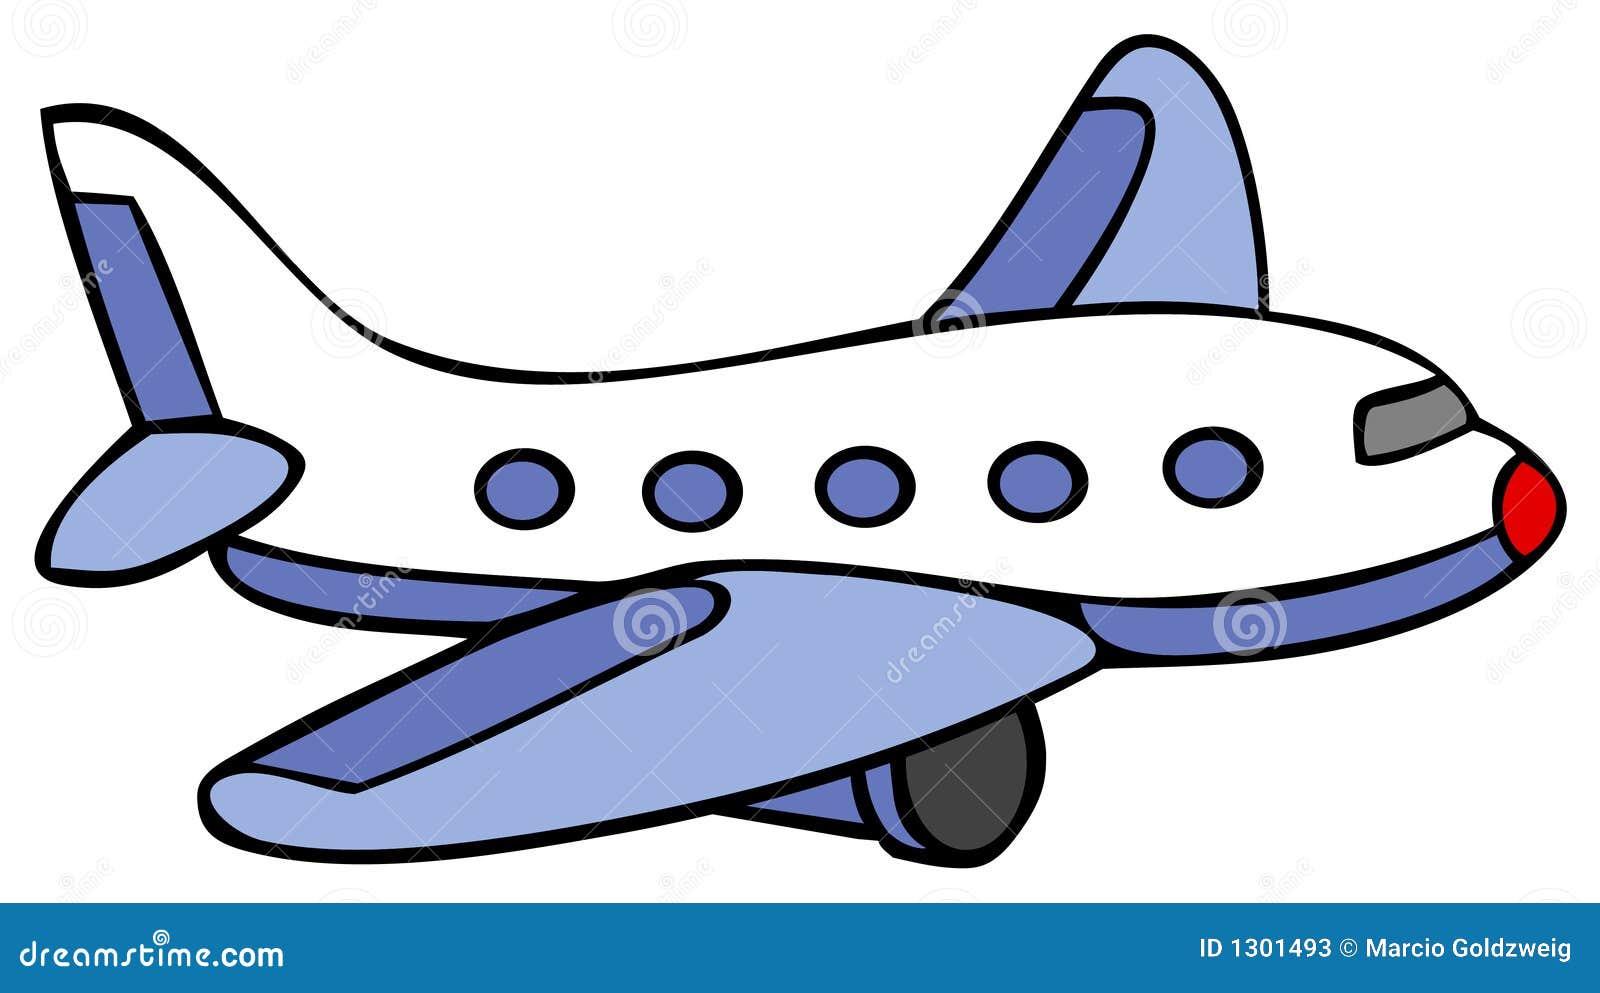 Vliegtuig - Beeldverhaal